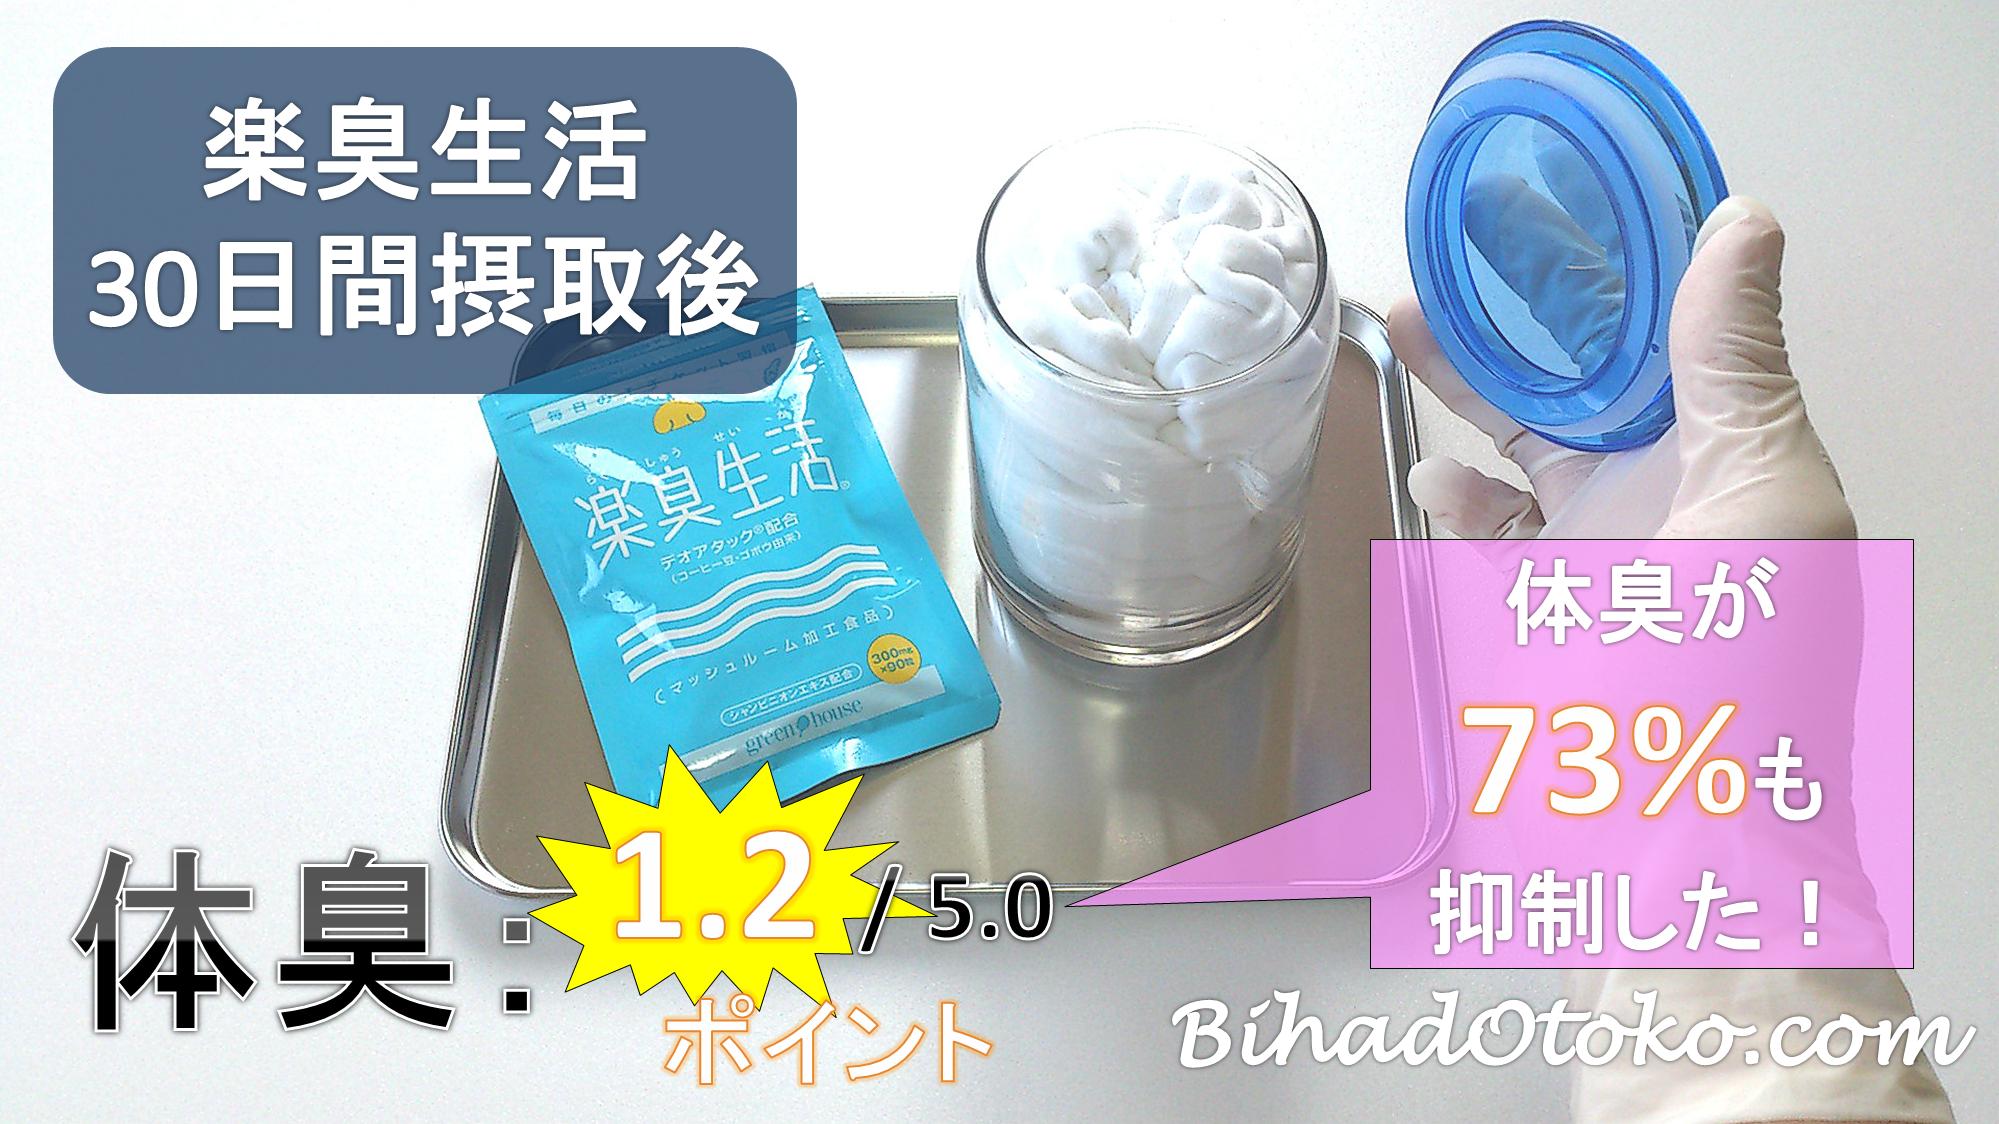 楽臭生活の口コミ評判・効果・最安値体臭サプリ専門家が実験検証!